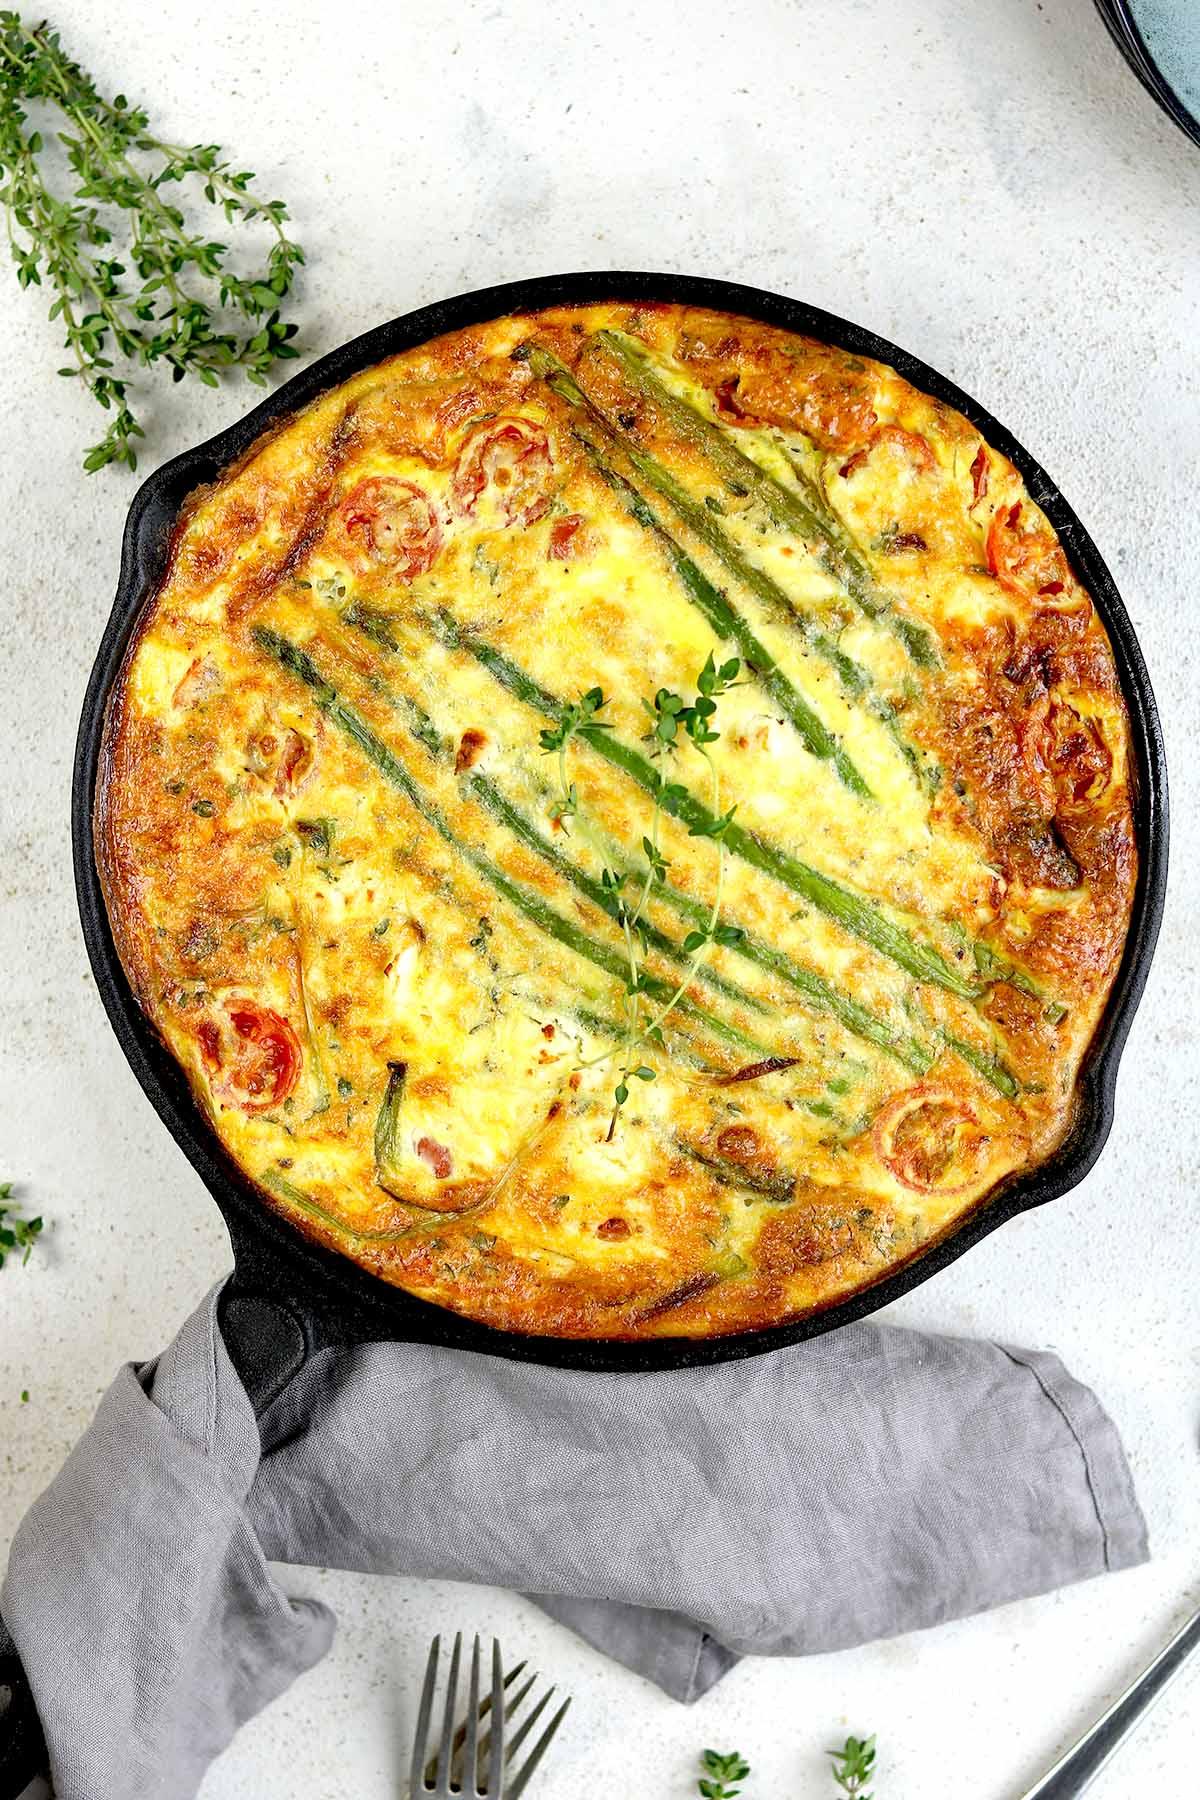 Asparagus And Feta Baked Frittata The Last Food Blog